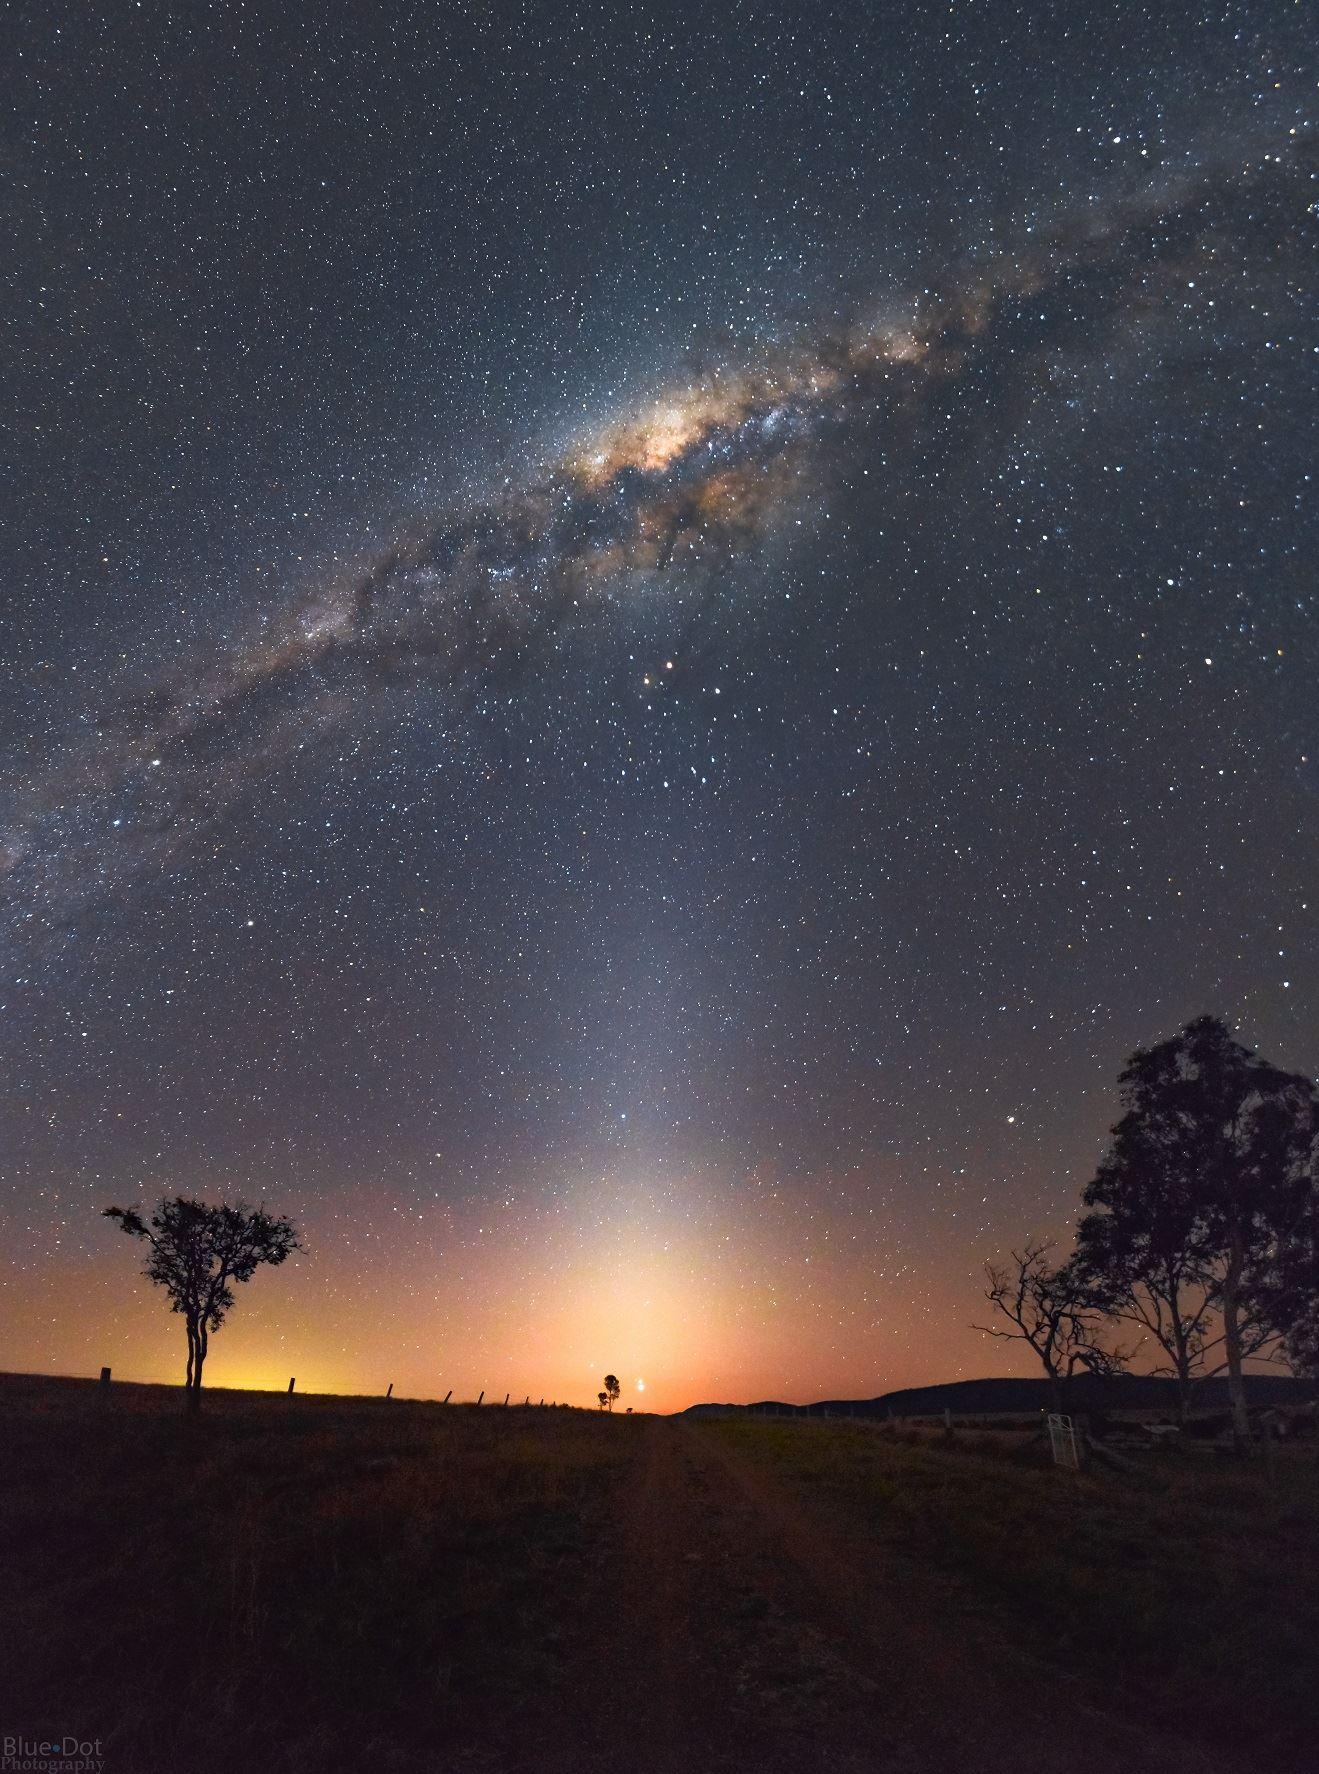 фото млечного пути на небе зачастую для